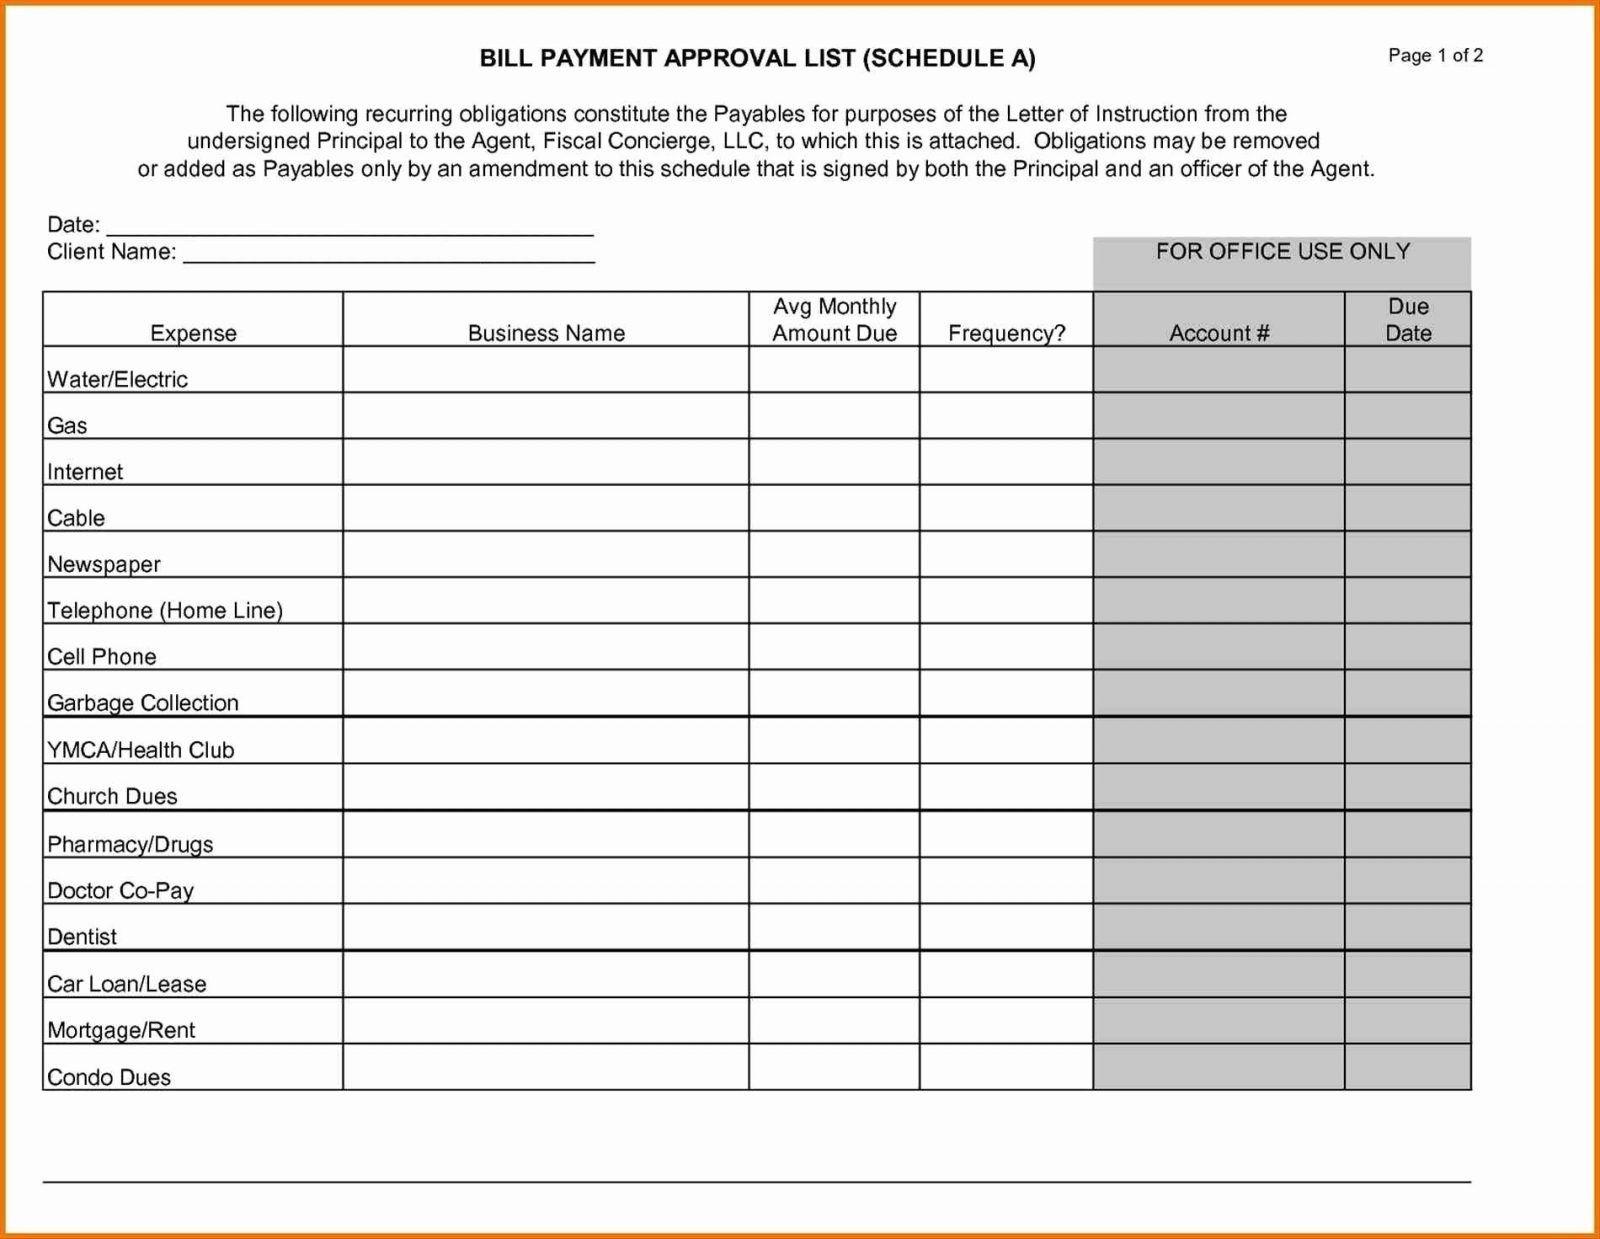 New Loan Payment Schedule Xlstemplate Xlssample Xls Xlsdata